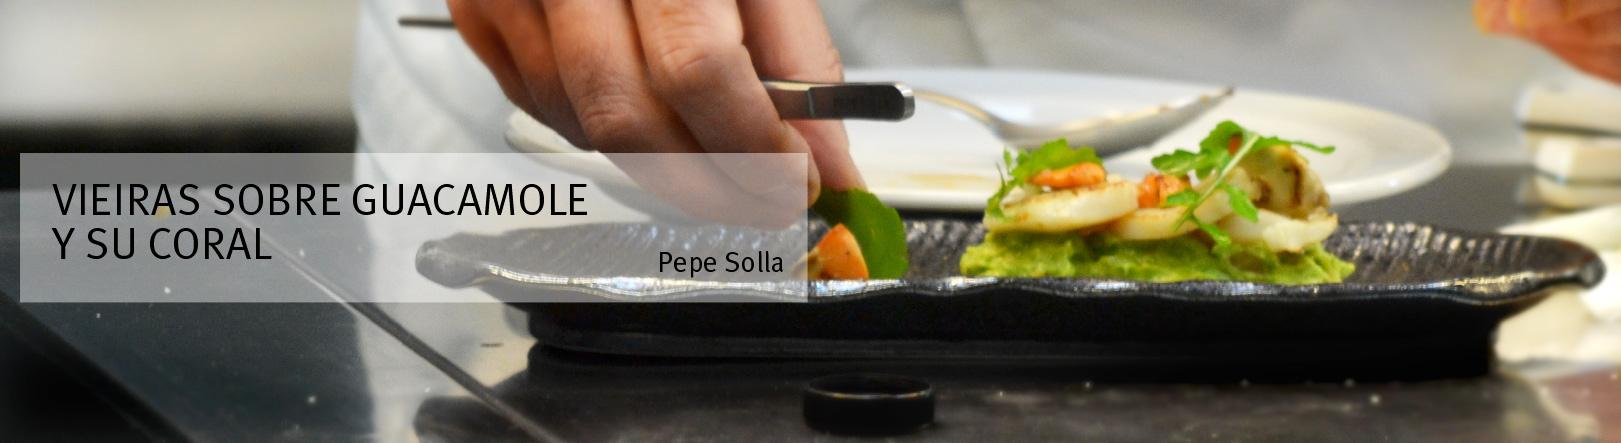 cociña_menu_vieiras_w